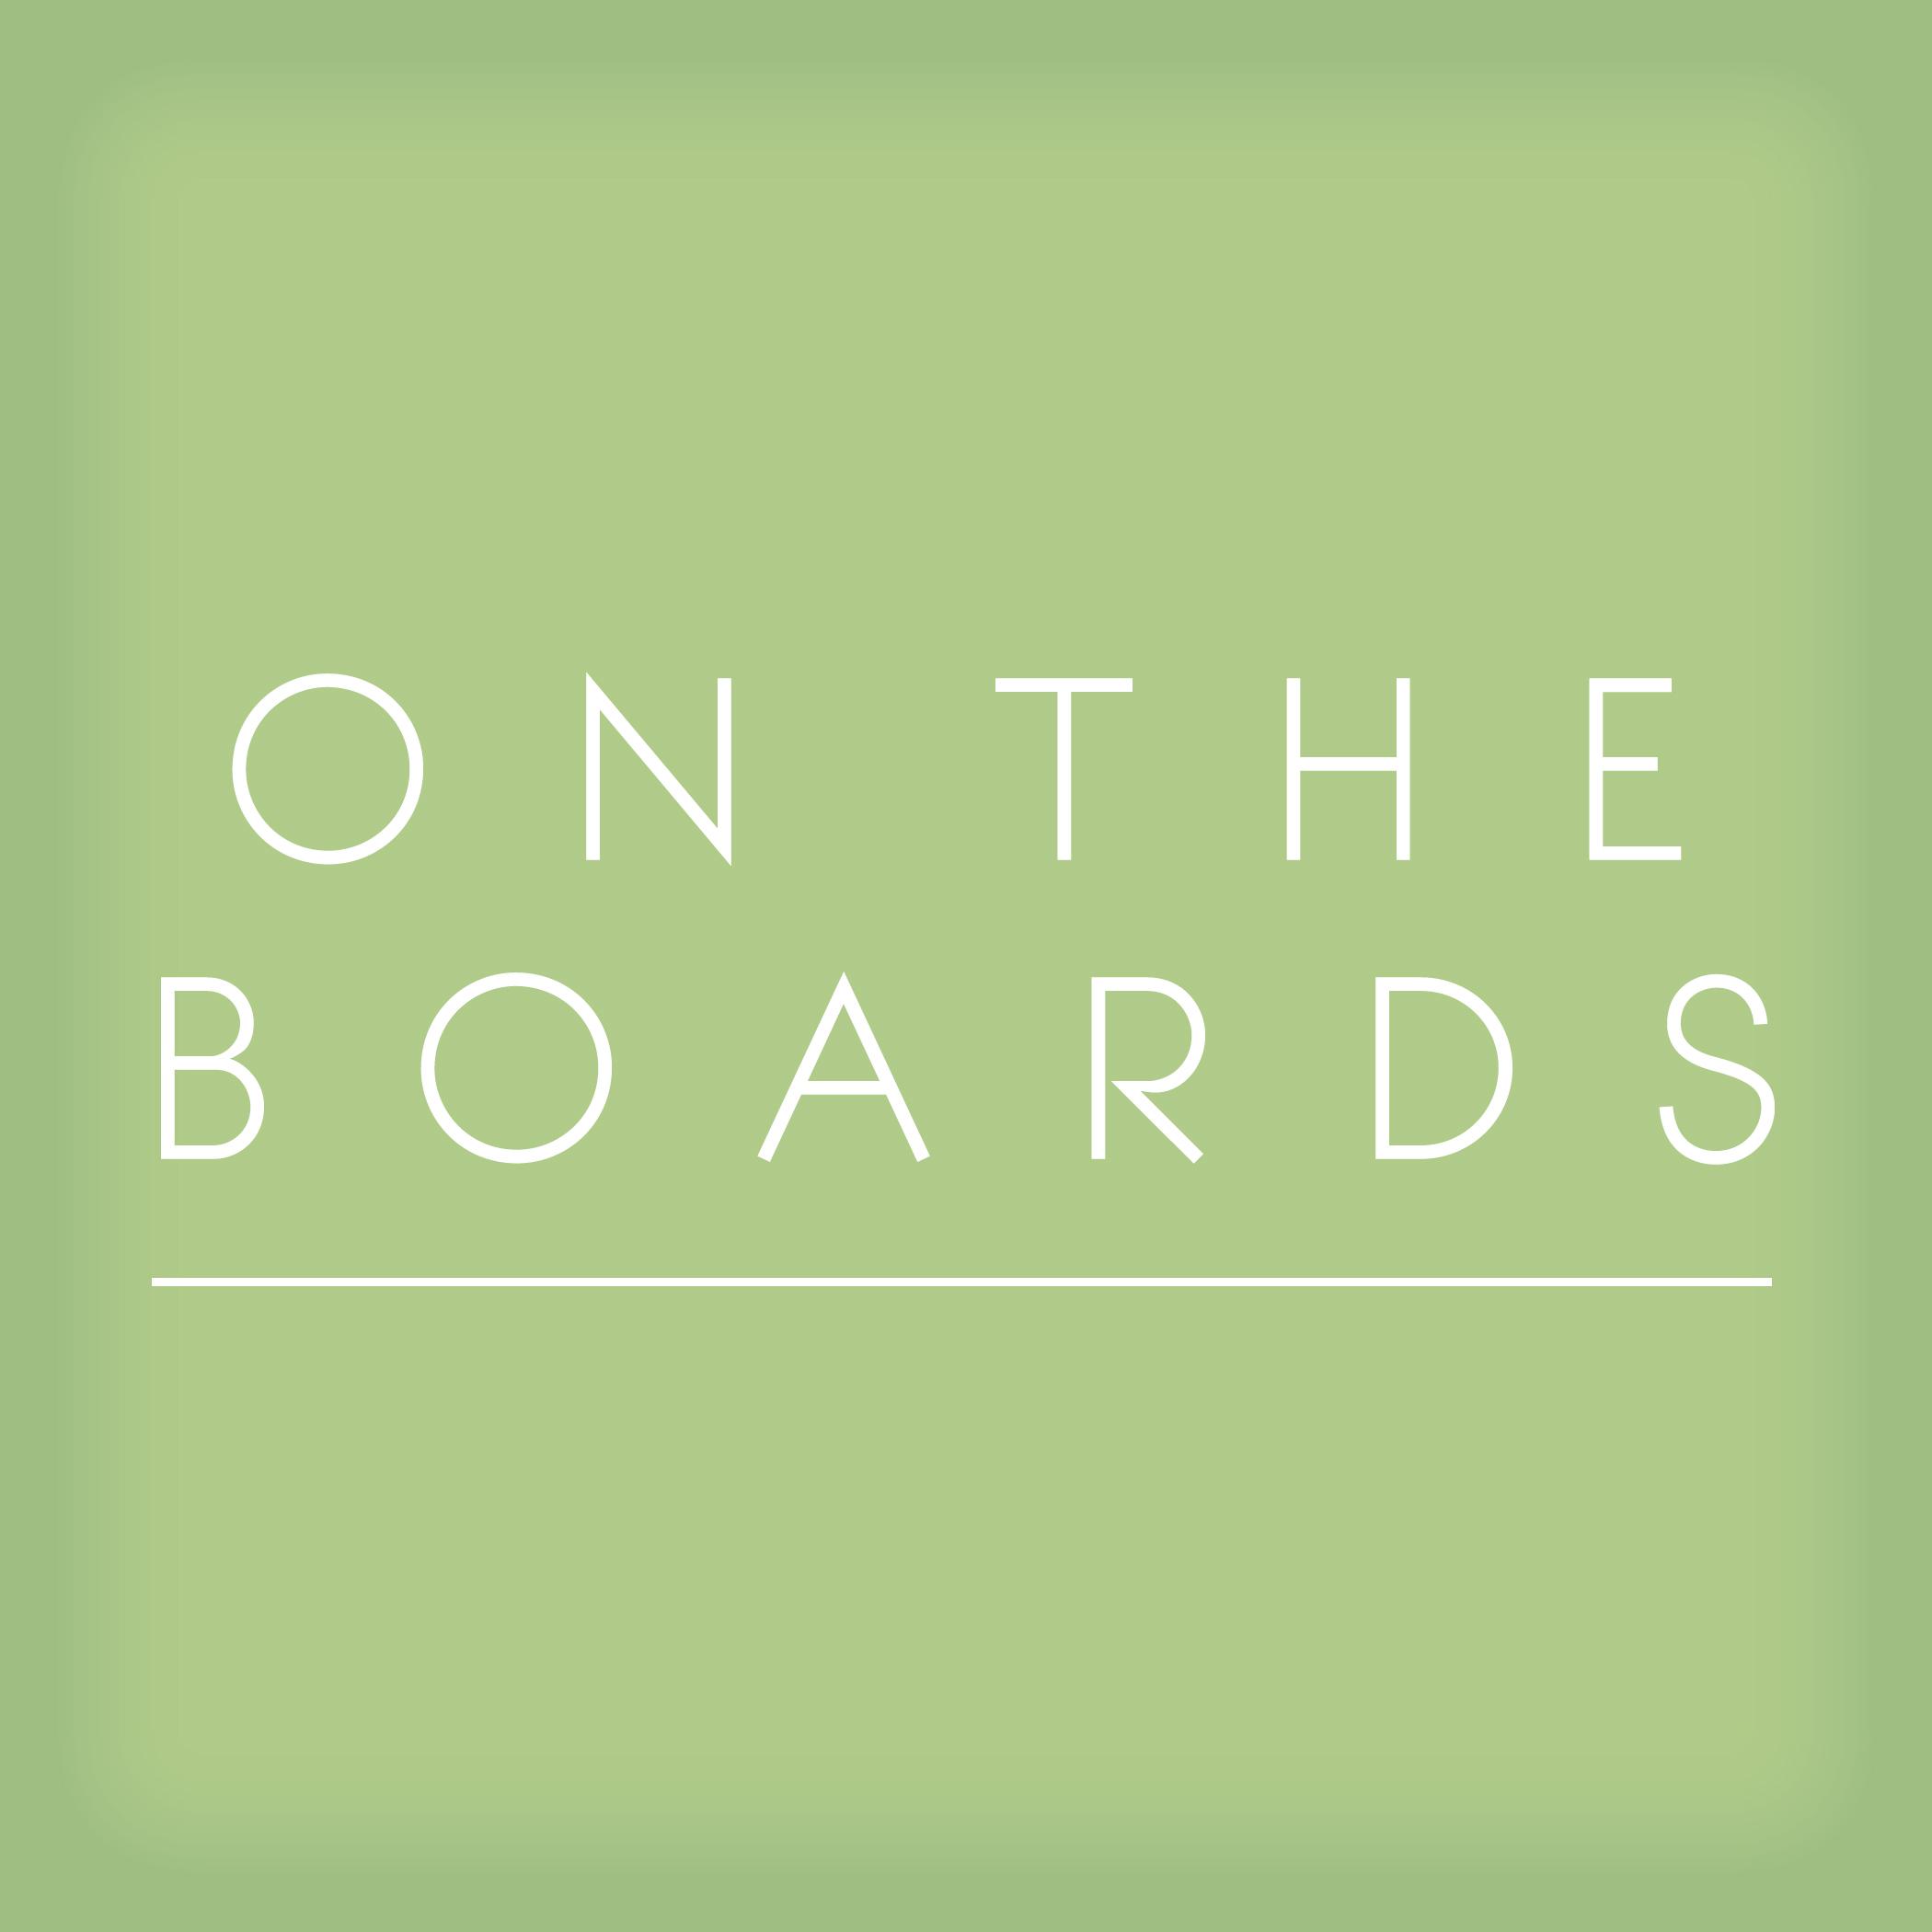 onthe boards.jpg